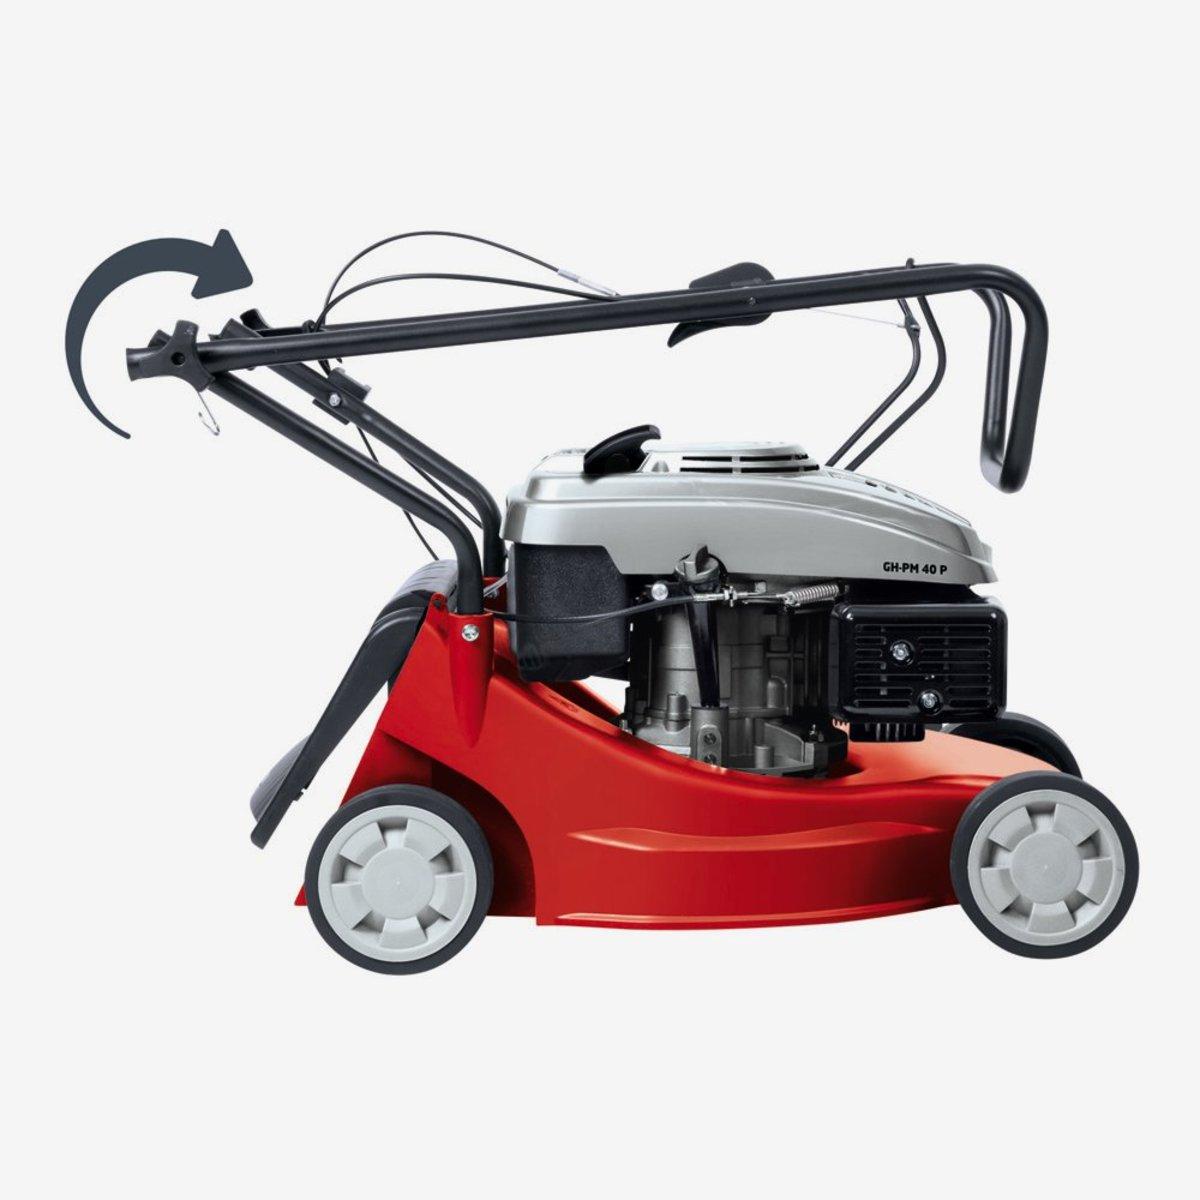 Bild 3 von Einhell Benzin-Rasenmäher GH-PM 40 P 1,6 kW